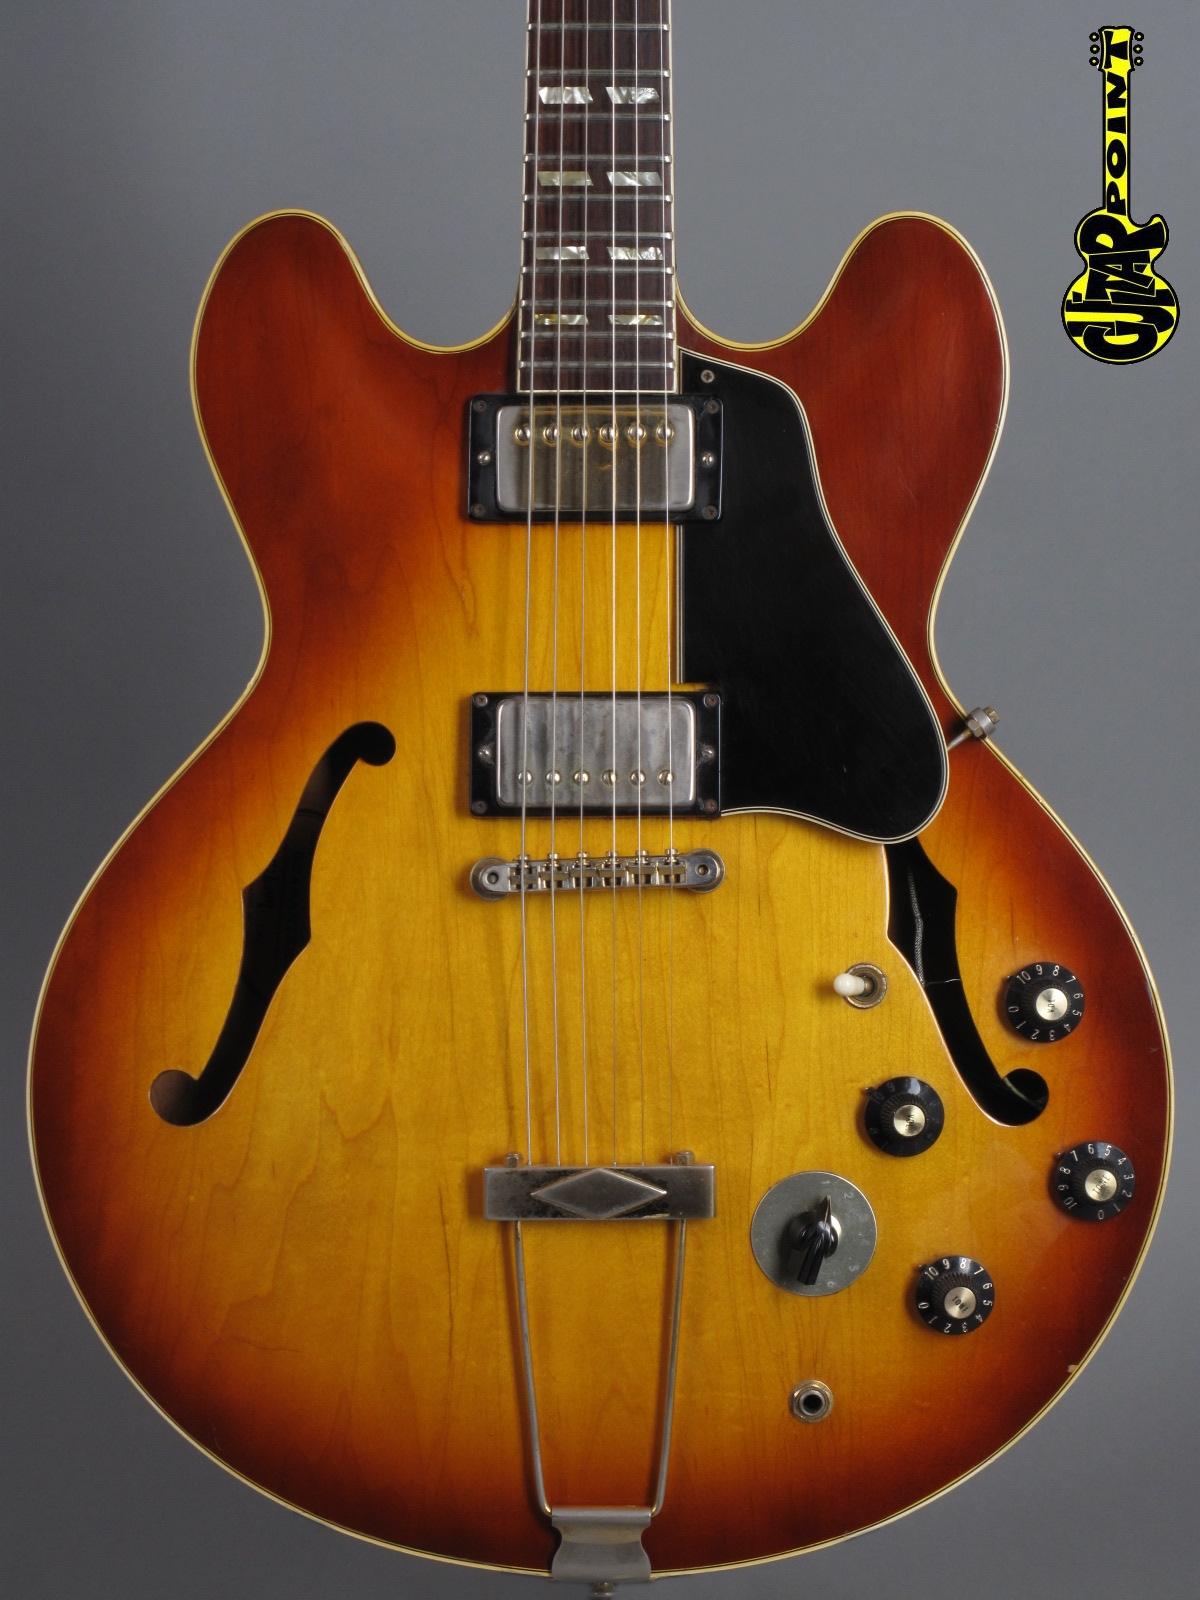 1969 Gibson ES-345 TDSV Stereo - Sunburst